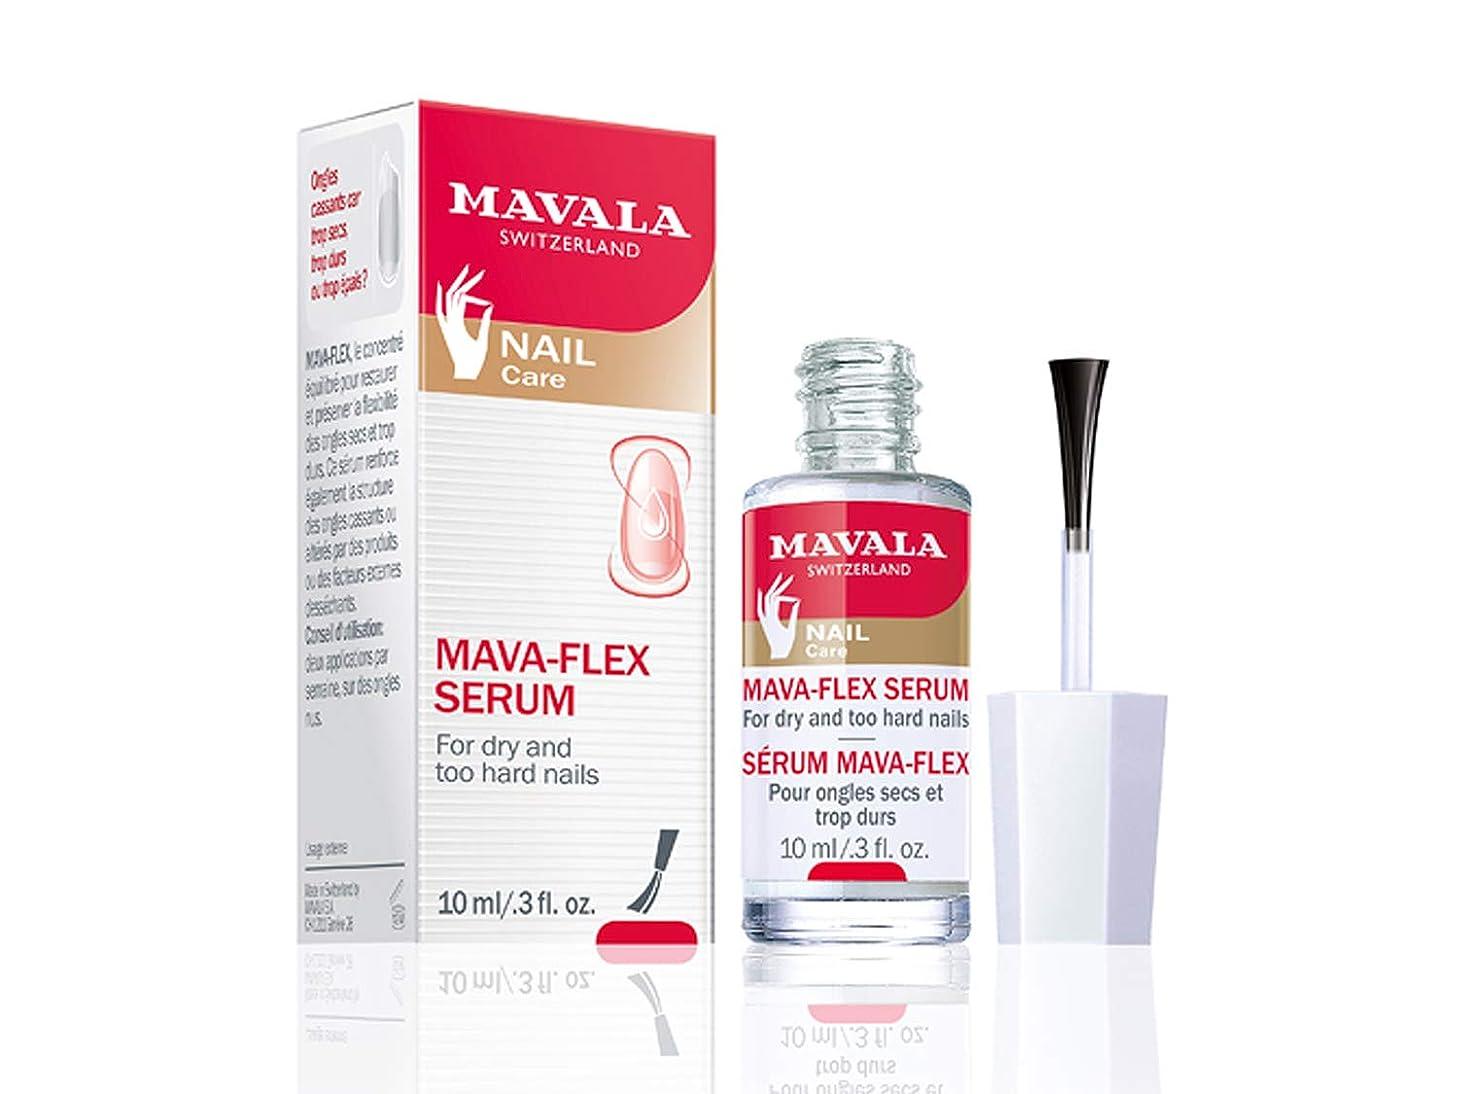 失礼助けて分析MAVALA(マヴァラ) マヴァフレックス